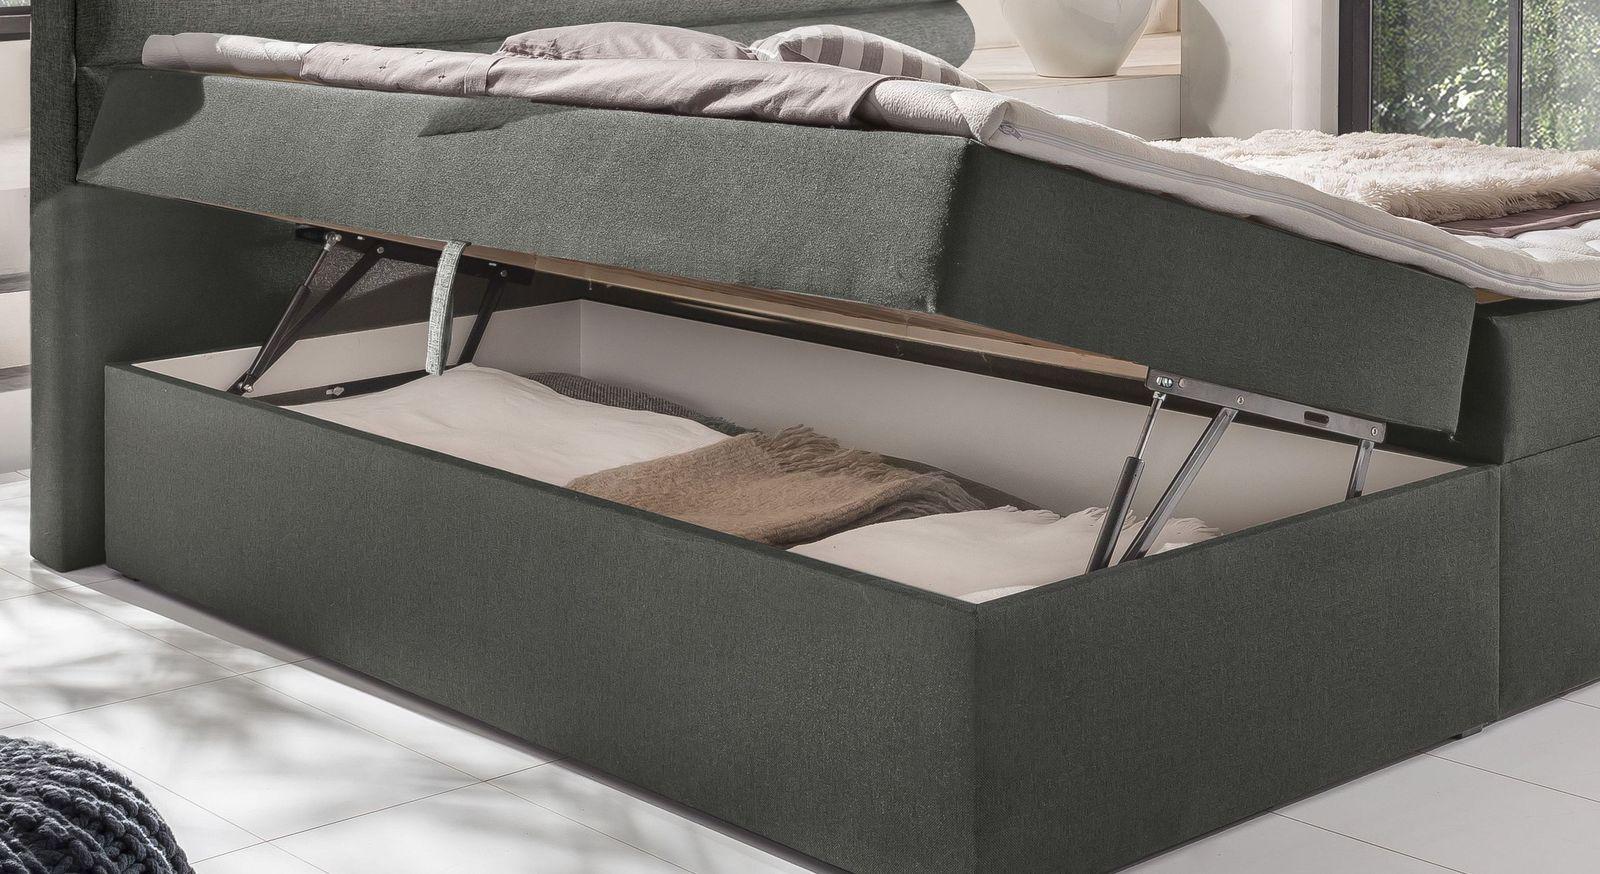 Boxbett Arba mit einfach zu öffnendem Bettkasten